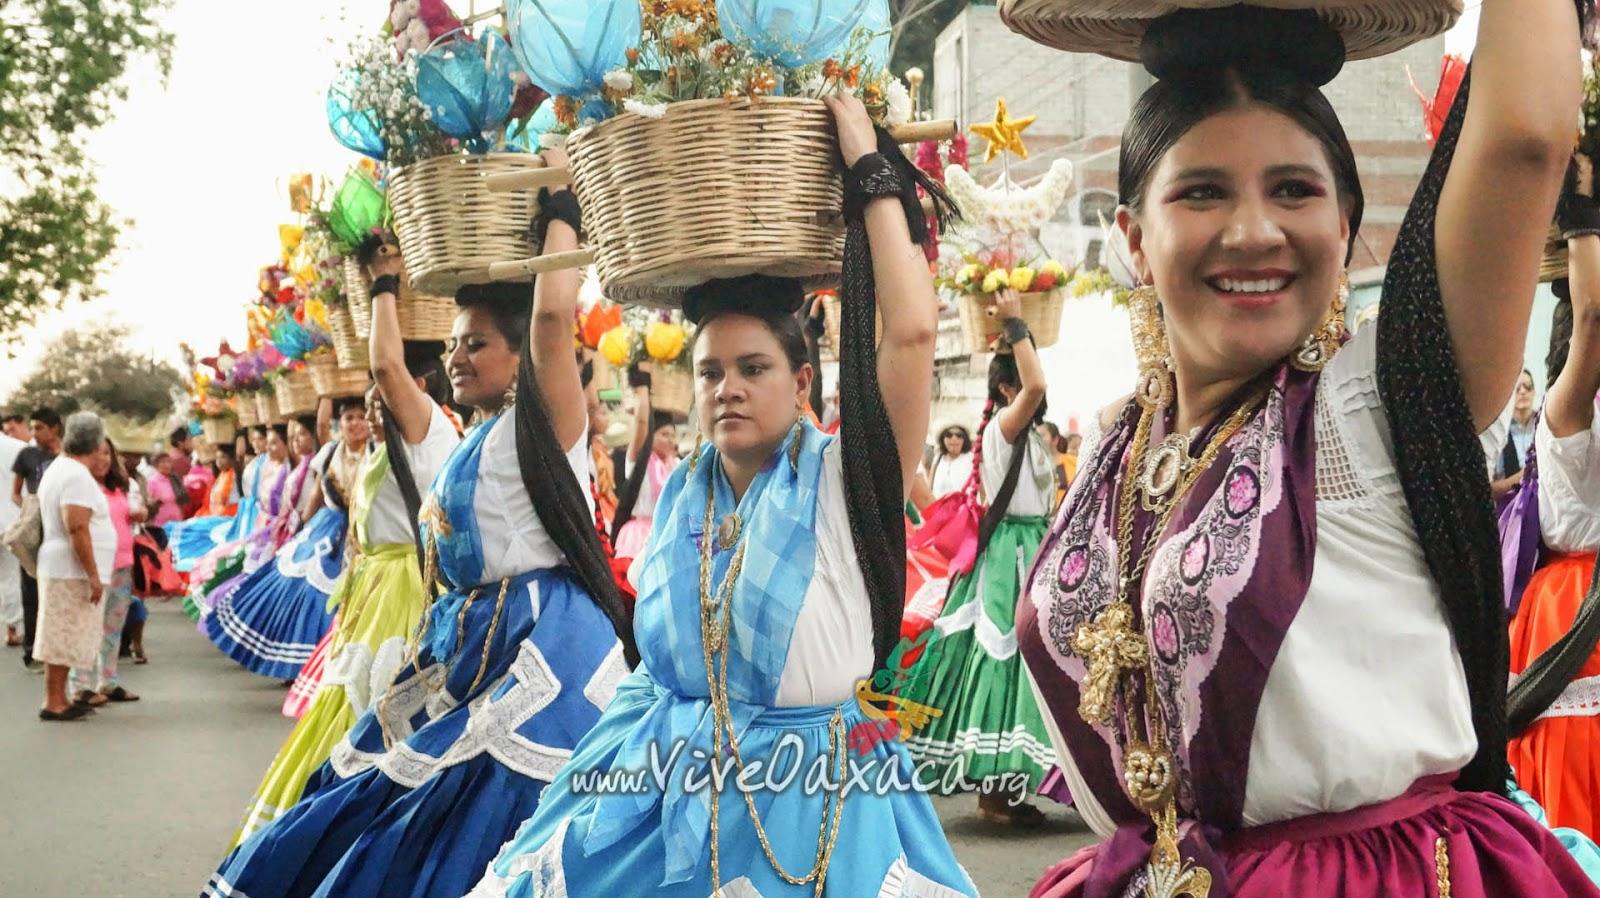 Qué es una Calenda de Oaxaca? ~ Vive Oaxaca - Página Oficial